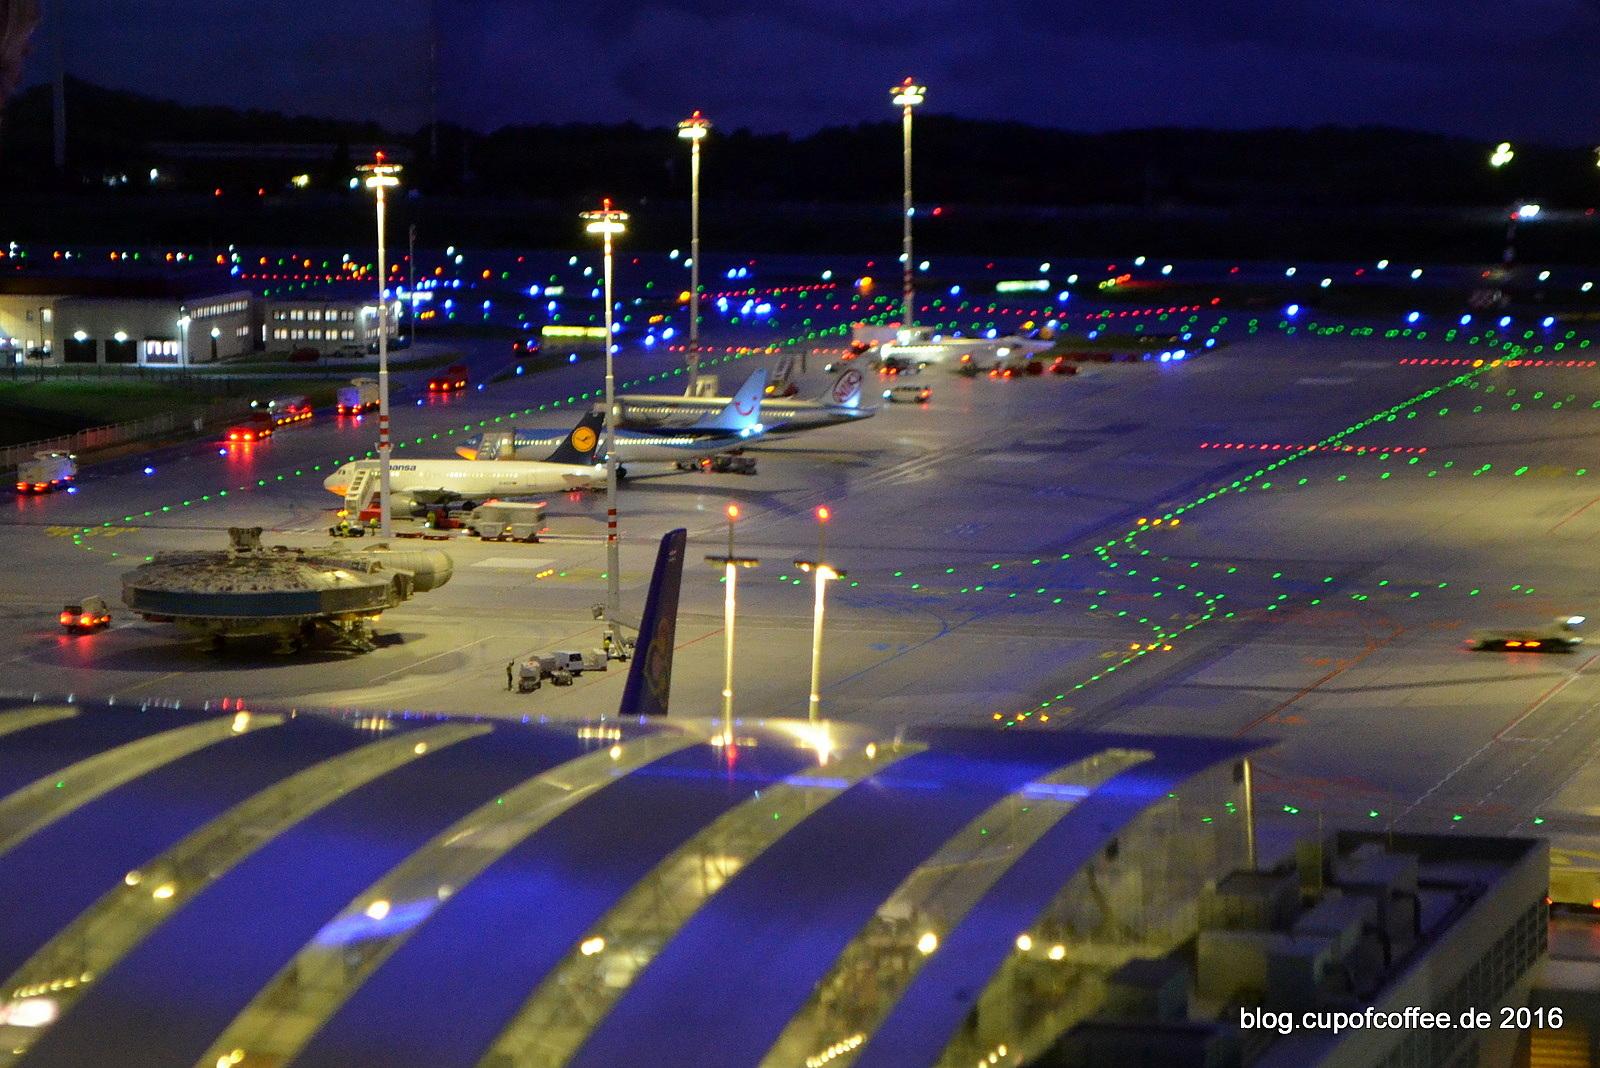 Wer parkt denn da auf dem Knuffinger Flughafen? :-)